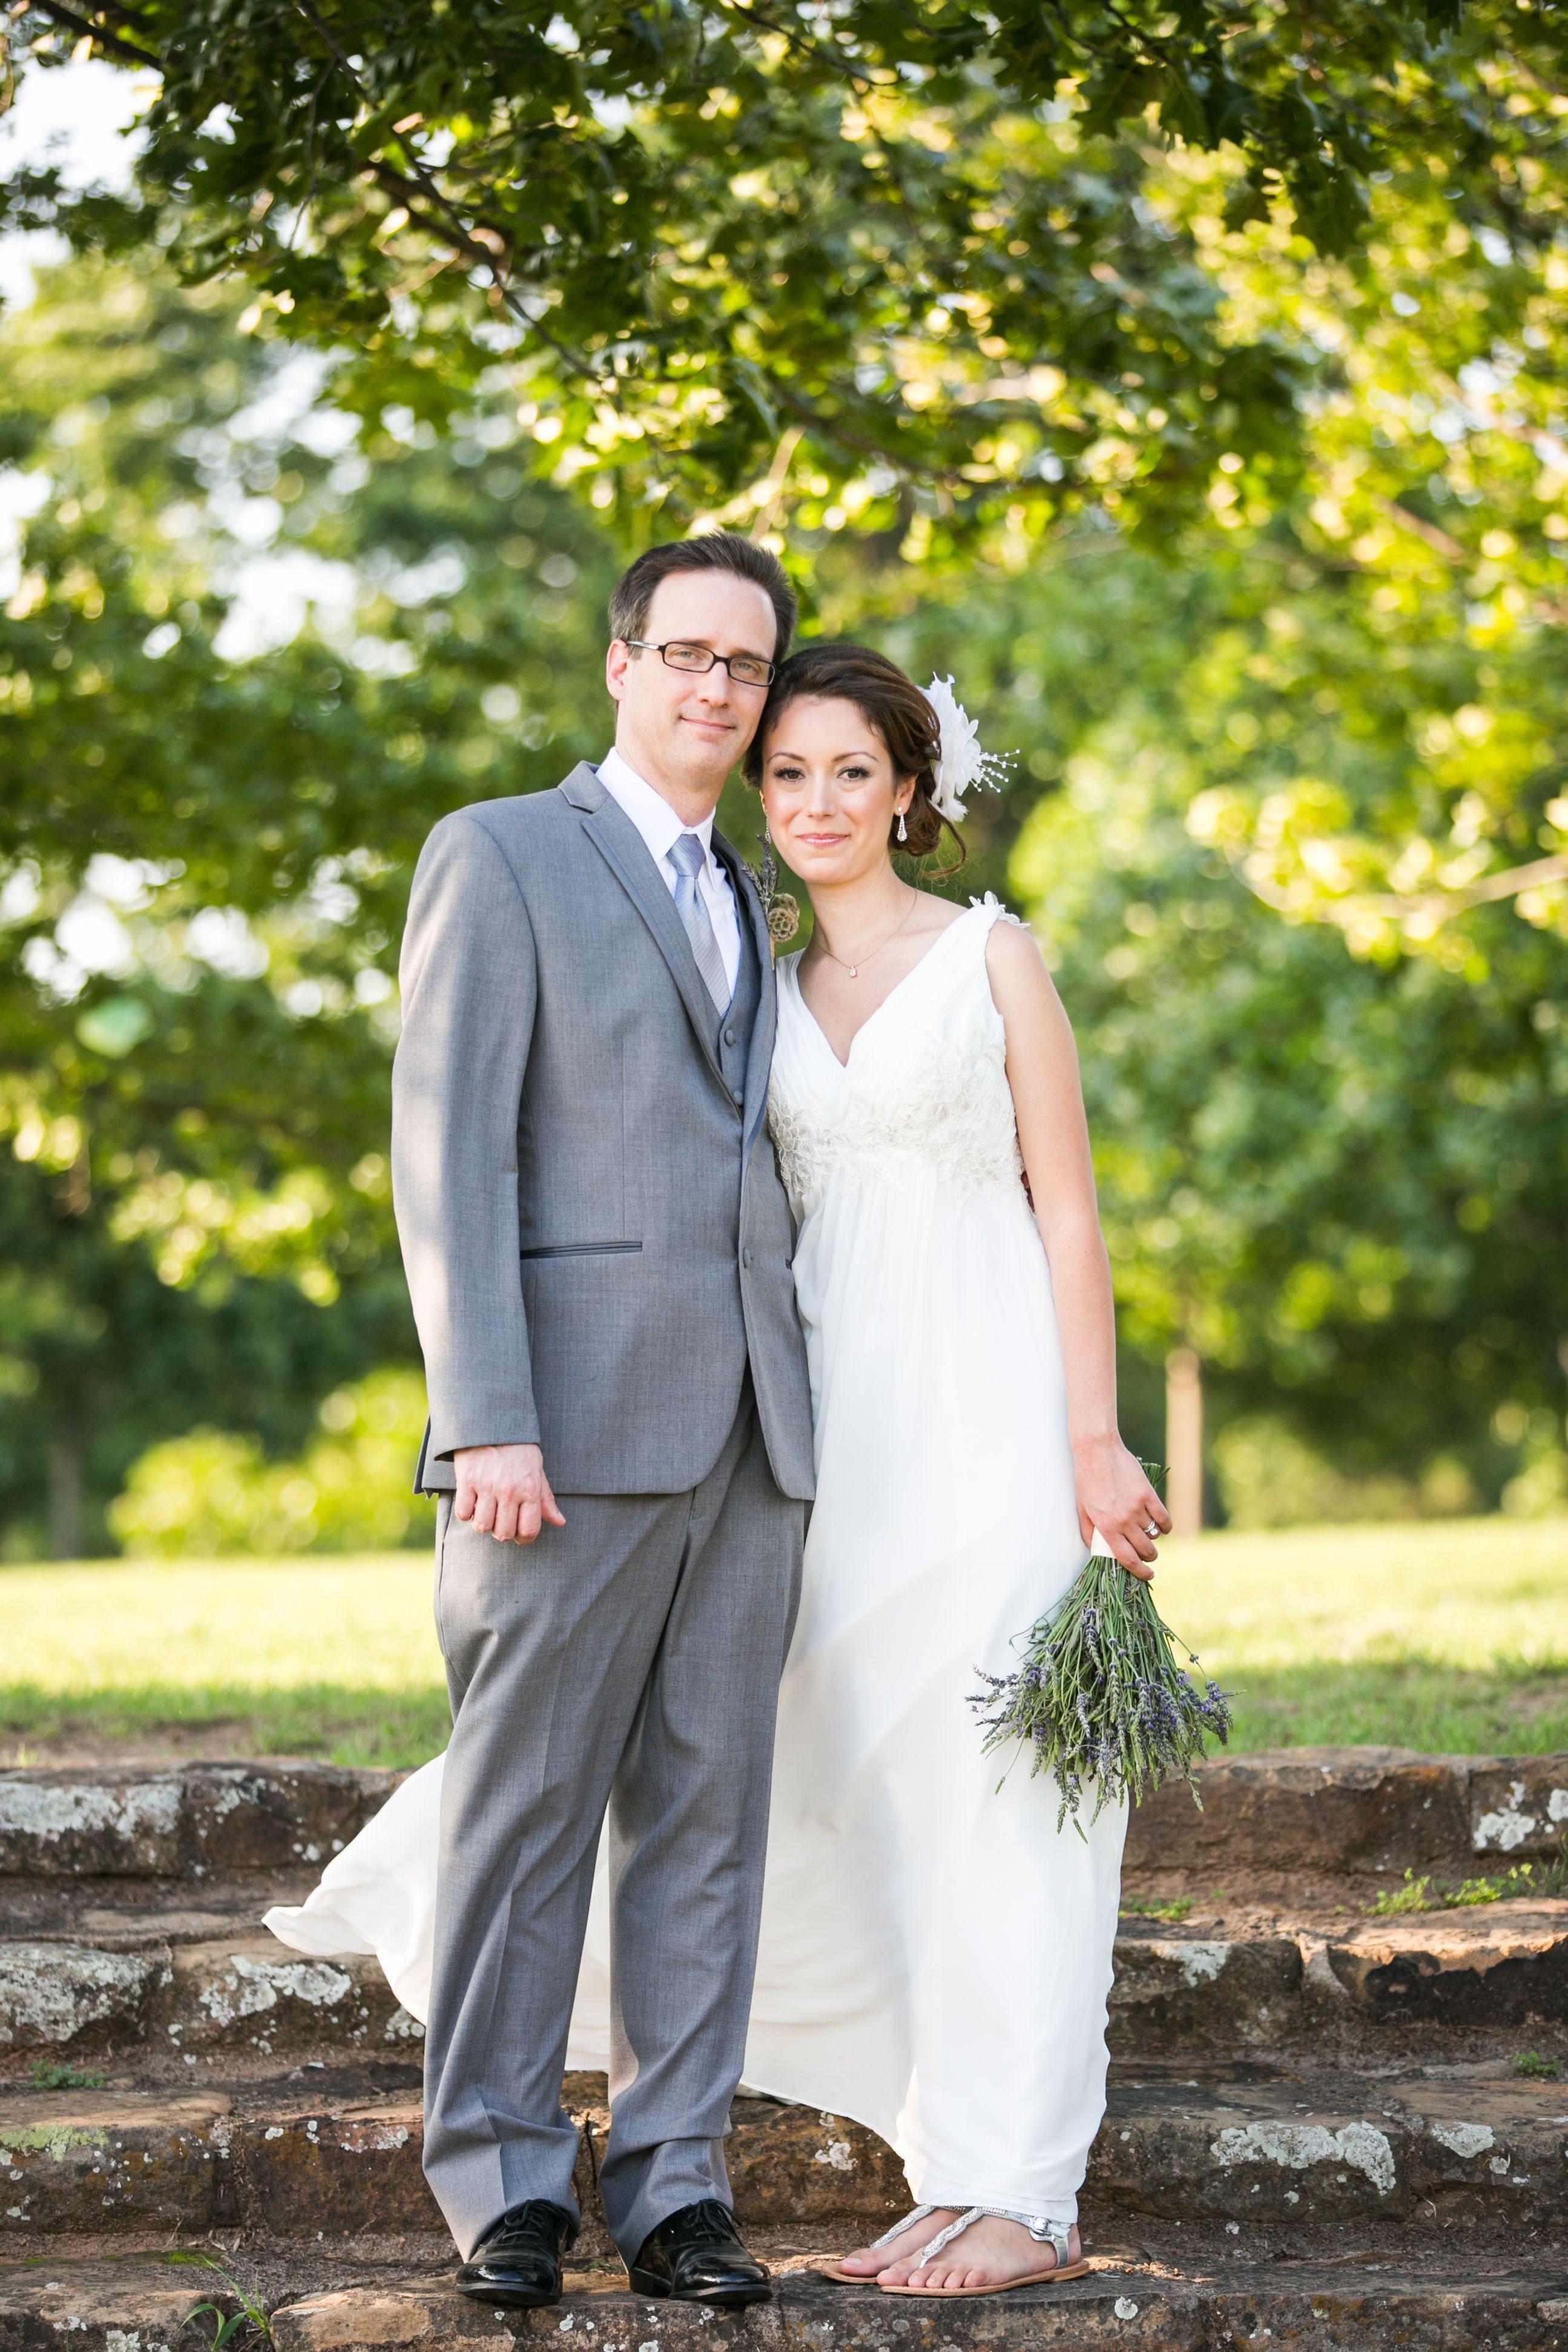 Tulsa Wedding Photographer Tulsa Garden Center Wedding Bride And Groom